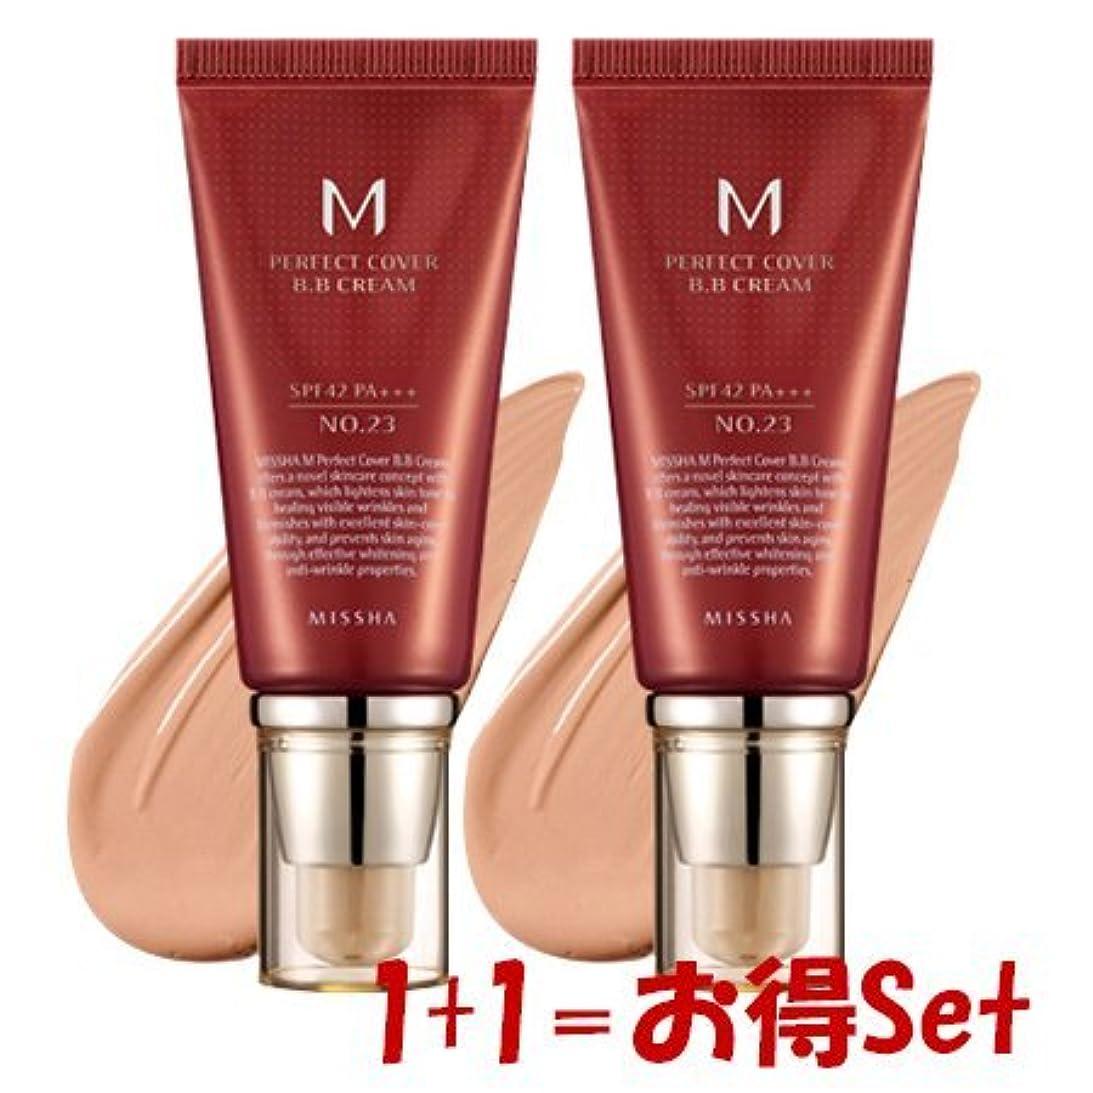 ナイトスポット補正家事をするMISSHA(ミシャ) M Perfect Cover パーフェクトカバーBBクリーム 23号+23号(1+1=お得Set)